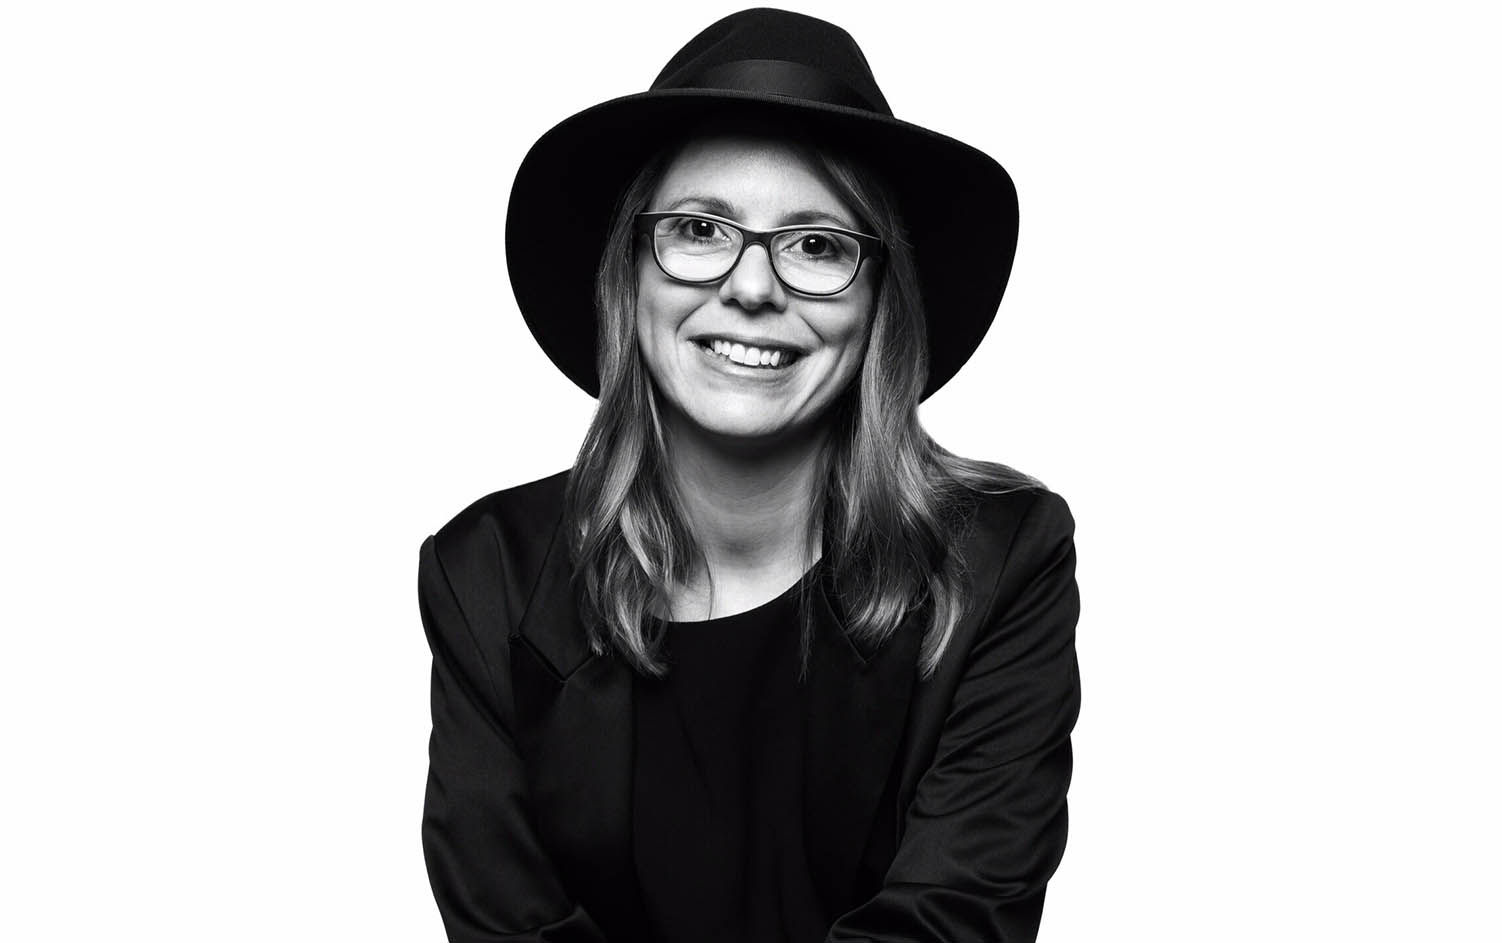 Sverigepremiär för verk av Anna Clyne